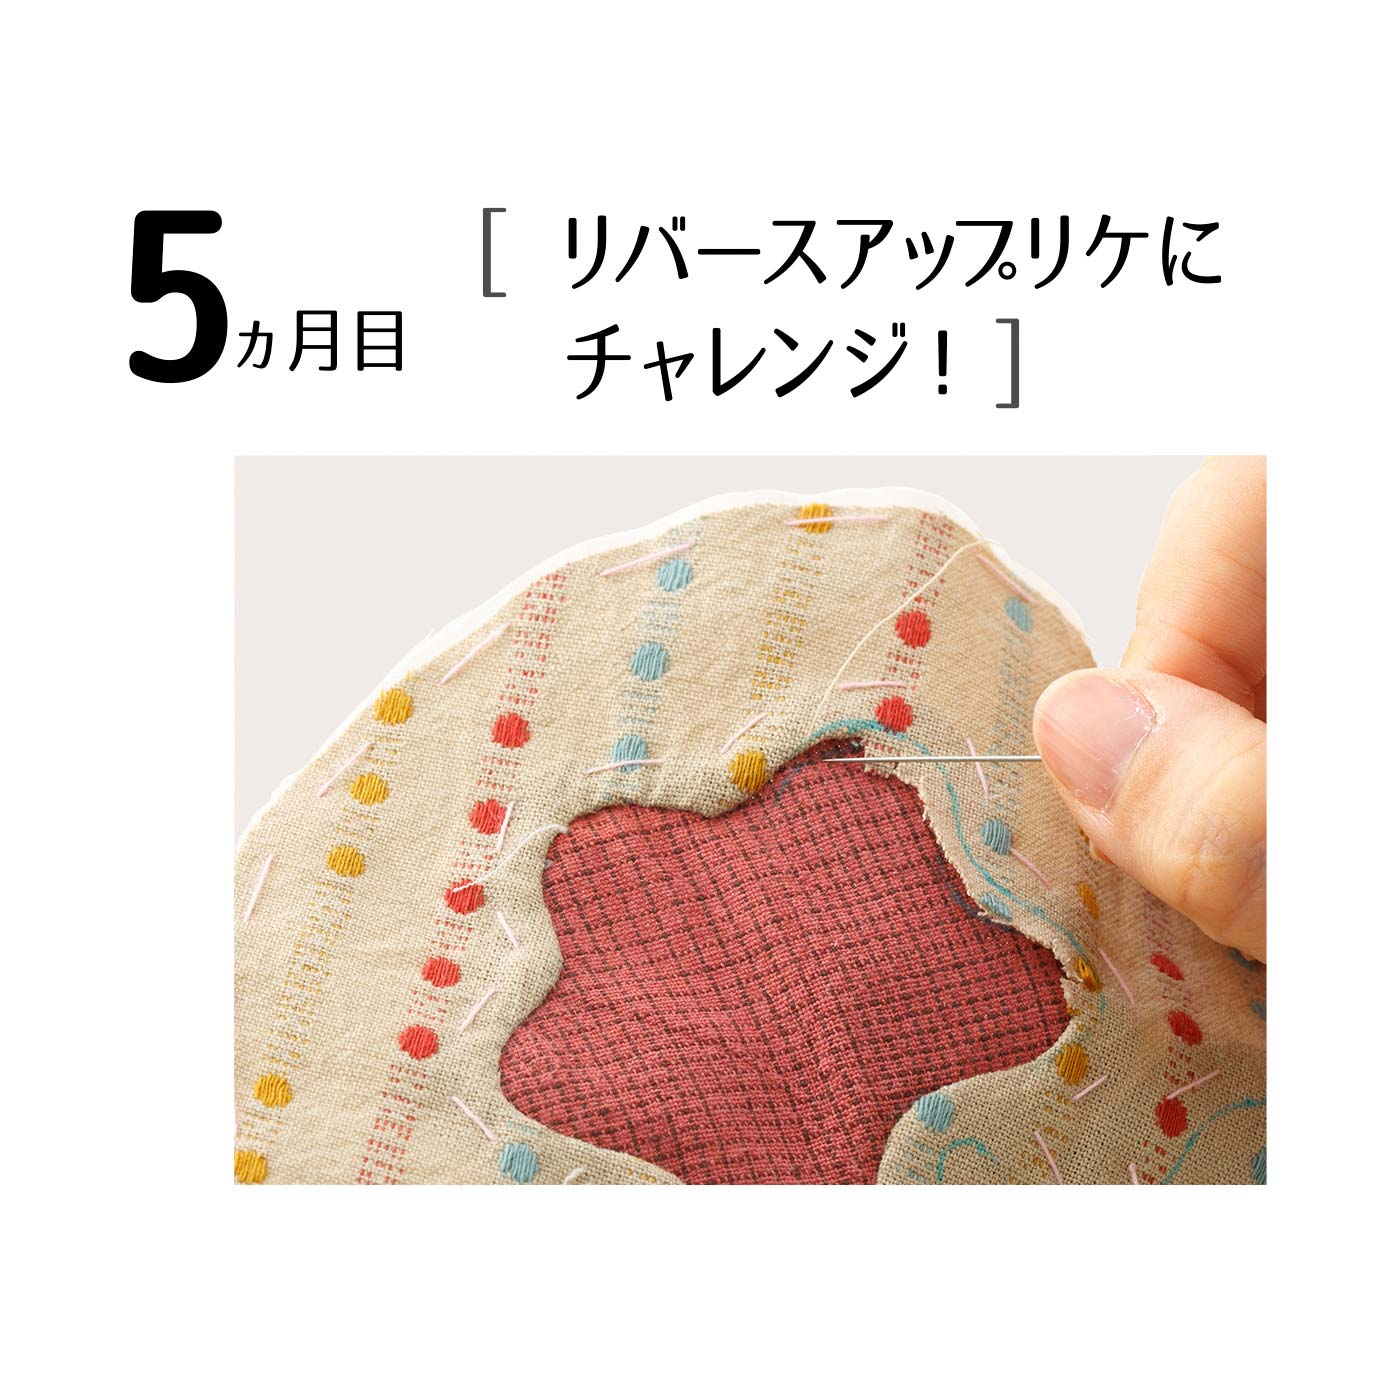 「reverse=逆」の意味で、表布の下に布を重ねてくり抜いていく手法をレッスン。